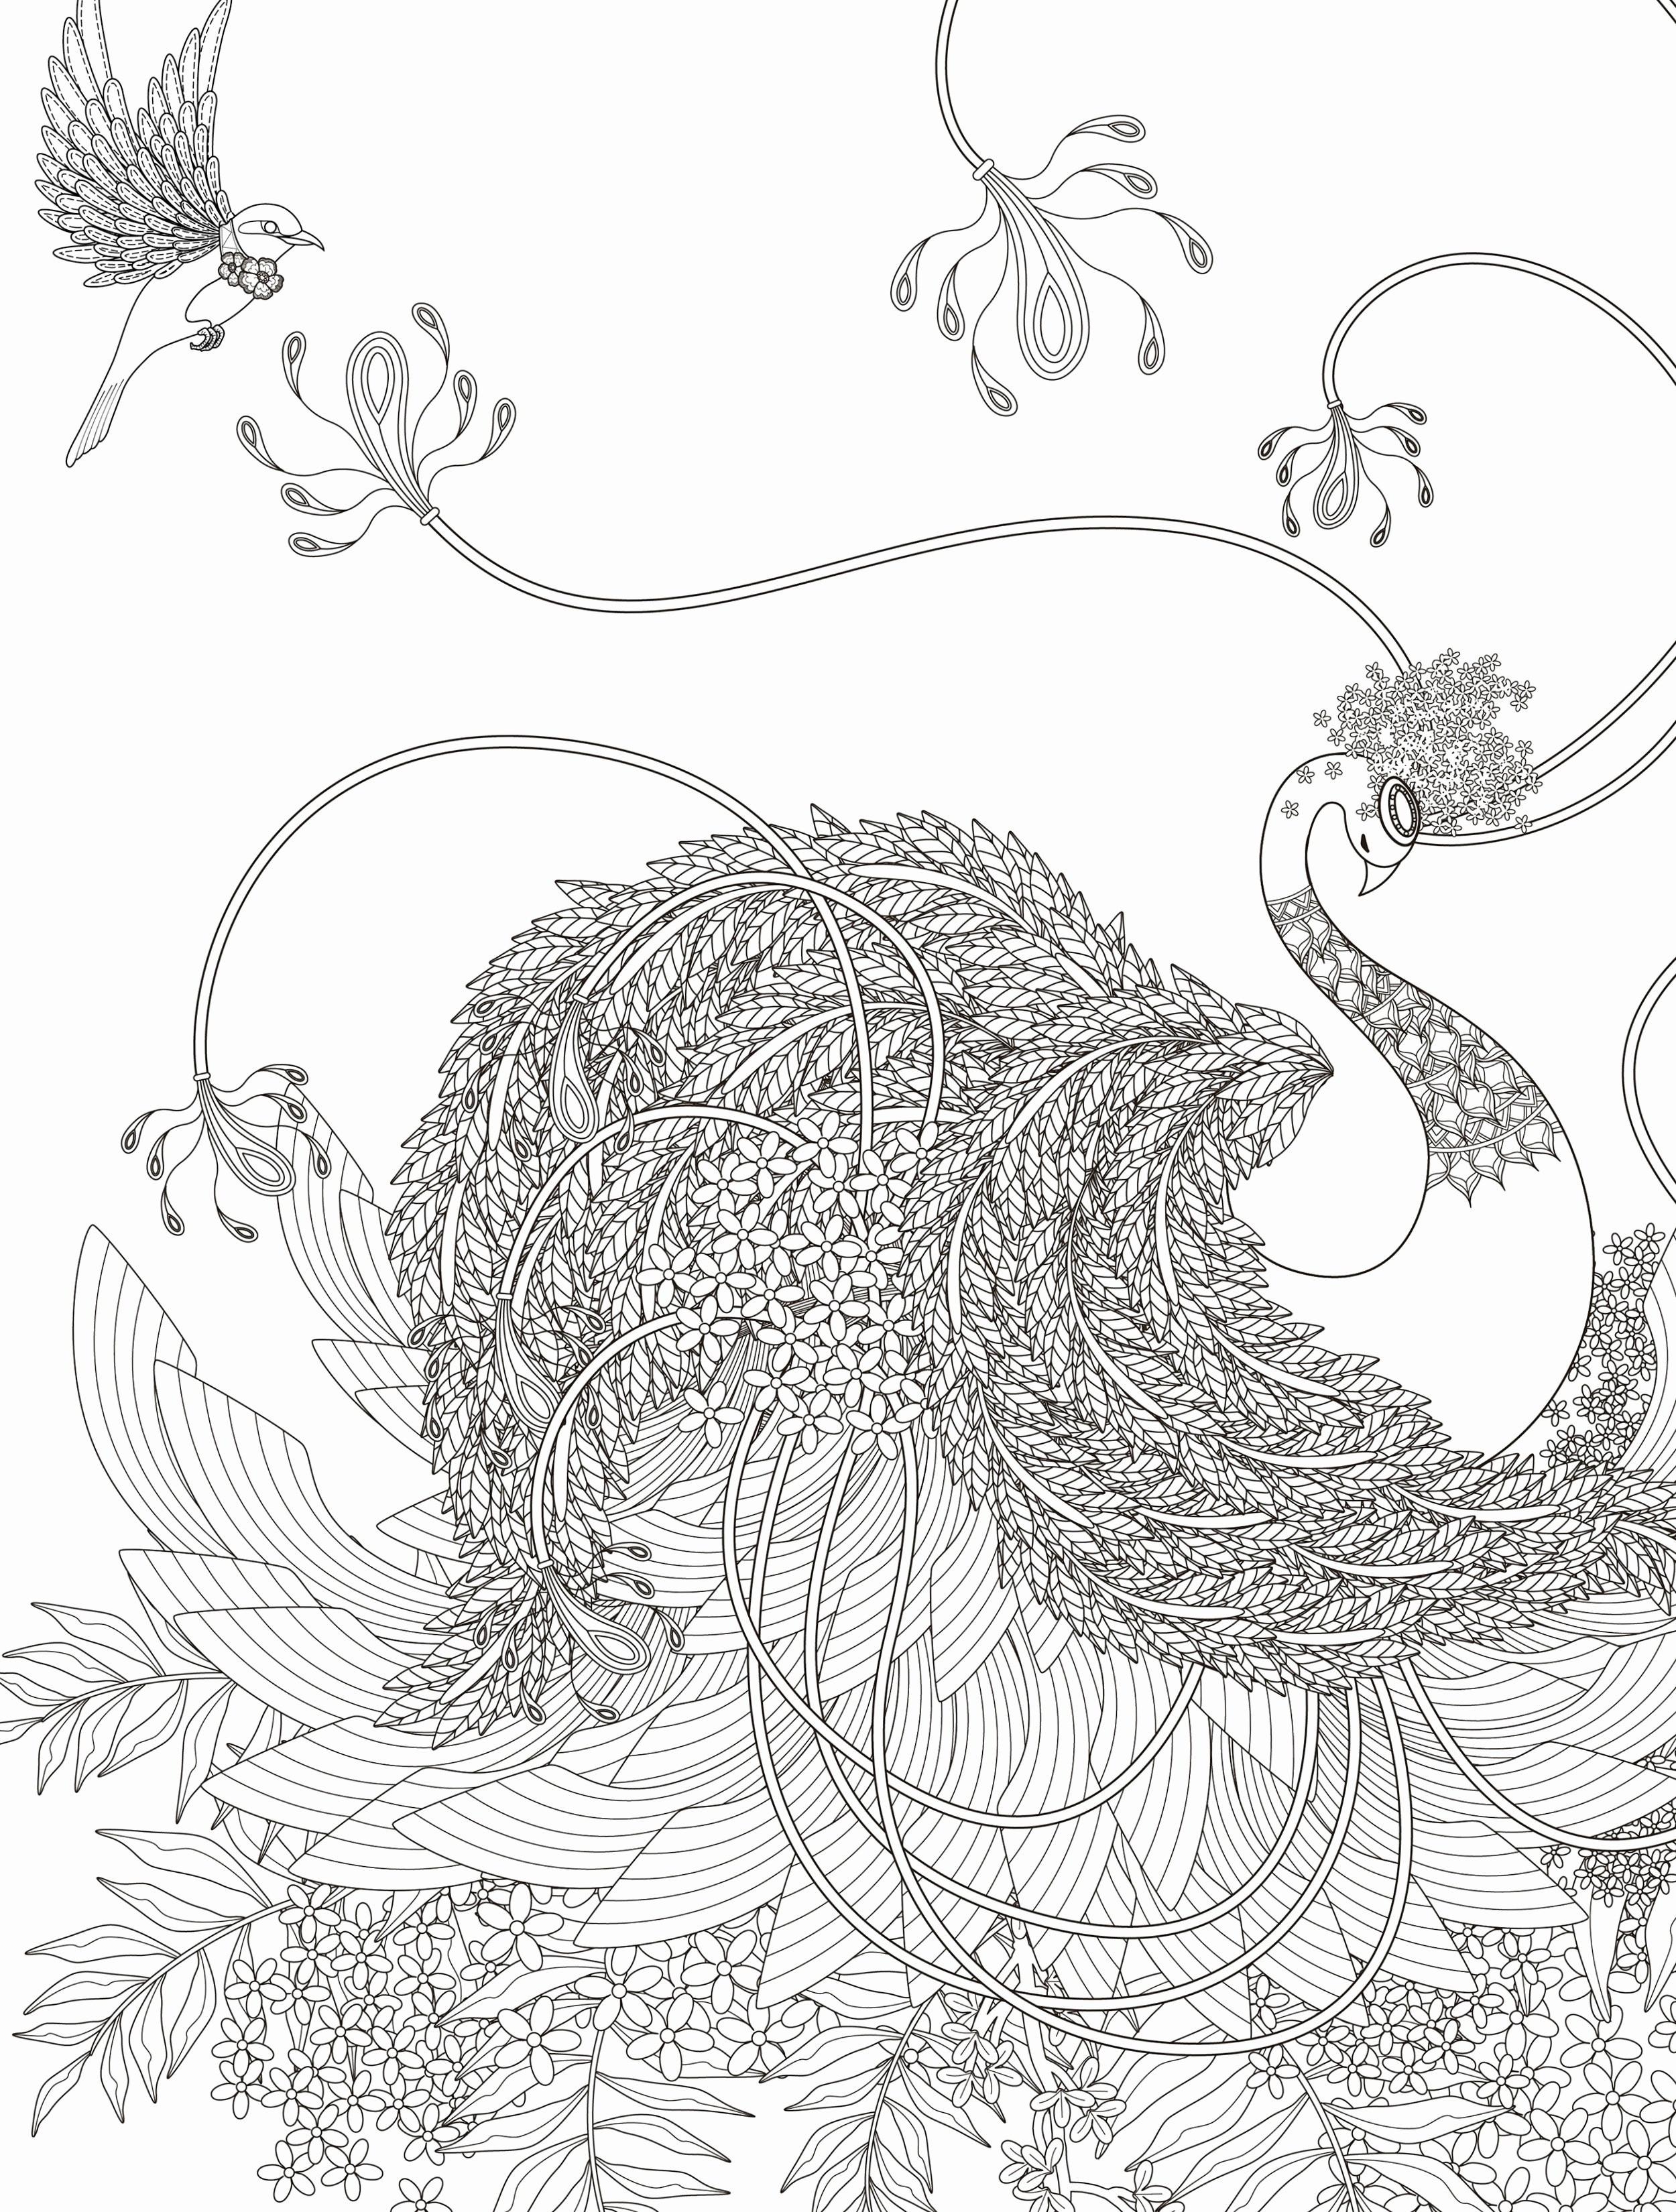 Ninja Turtle Ausmalbilder Inspirierend Ausmalbilder Malen Nach Zahlen Zum Drucken Frisch Malen Nach Zahlen Bild